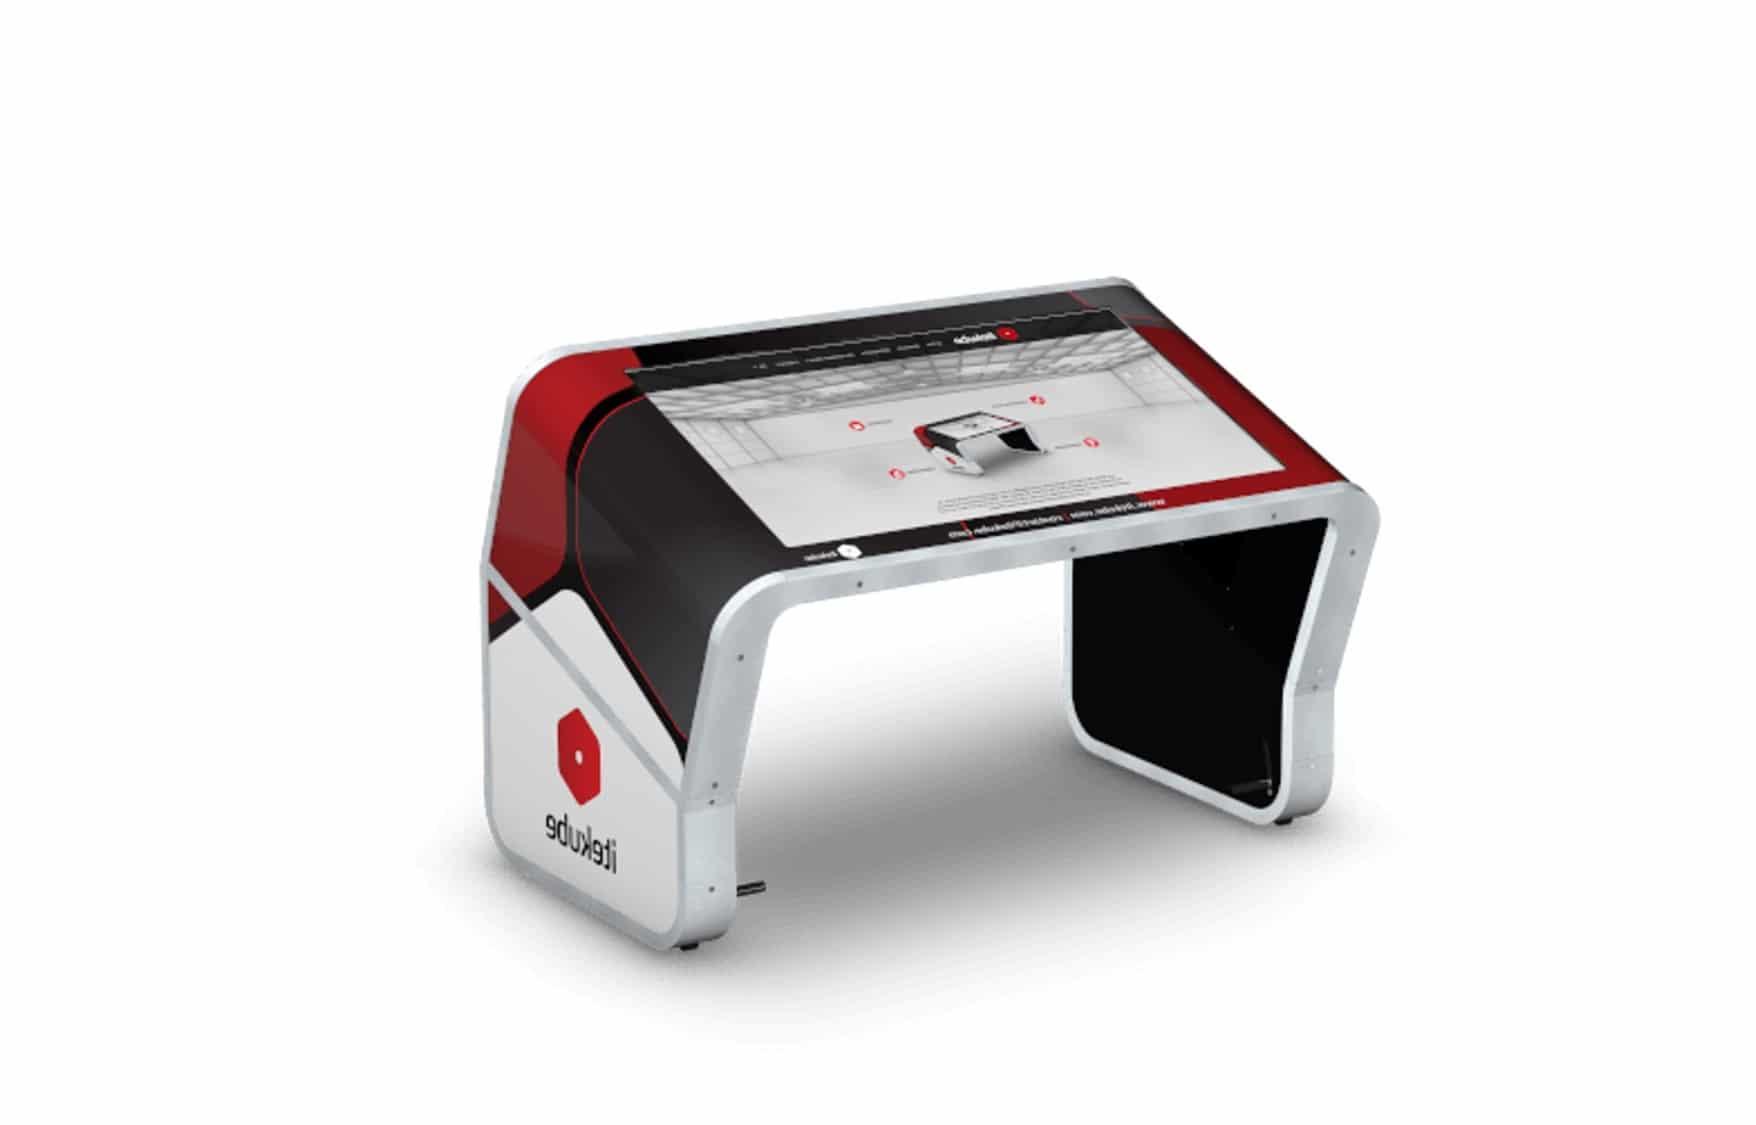 ordinateur tactile collaboratif - collaborativ touch computer